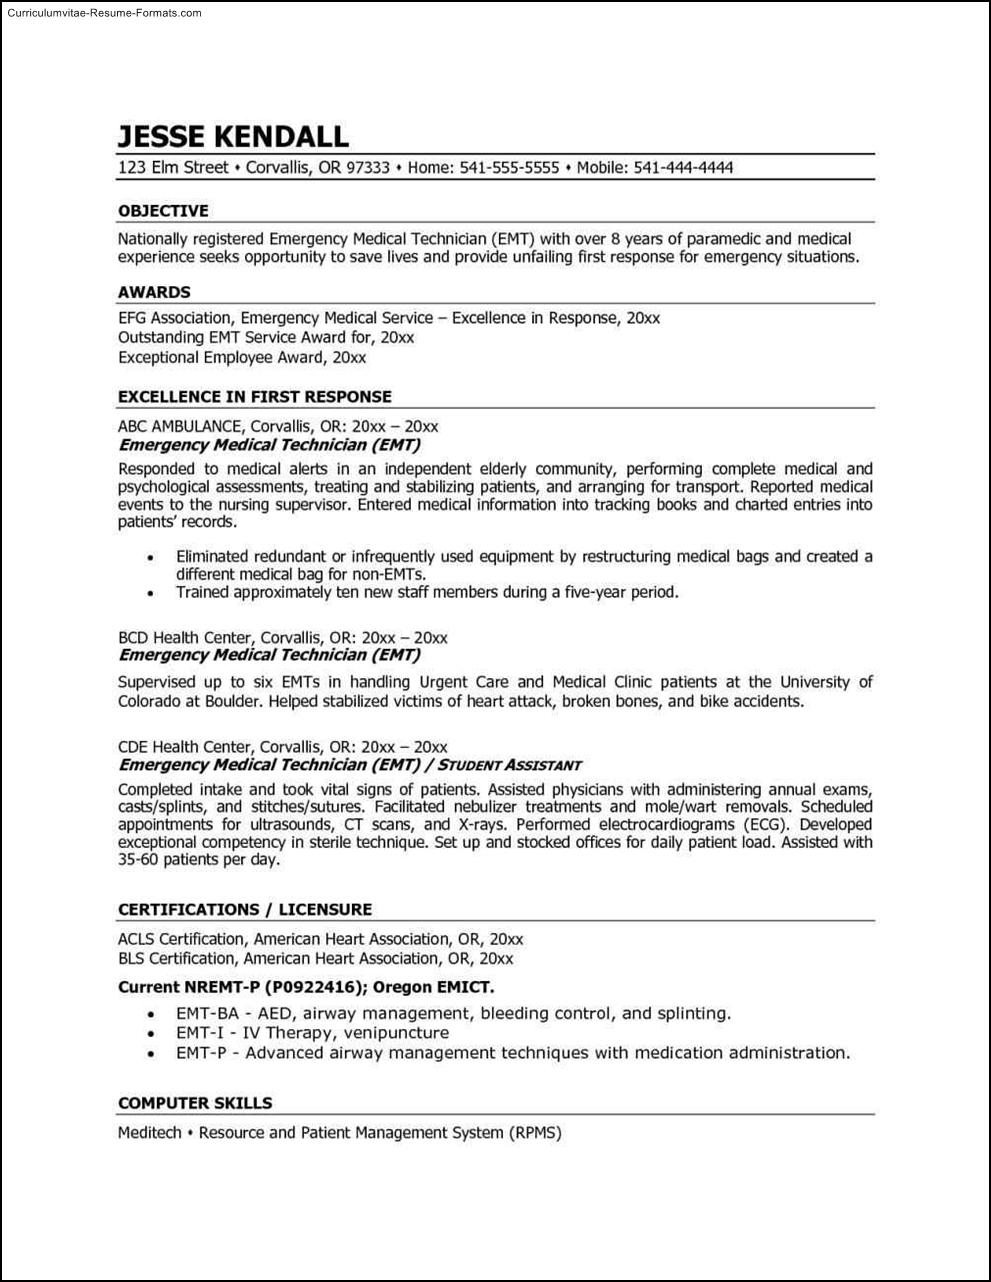 emt resume template free sles exles format